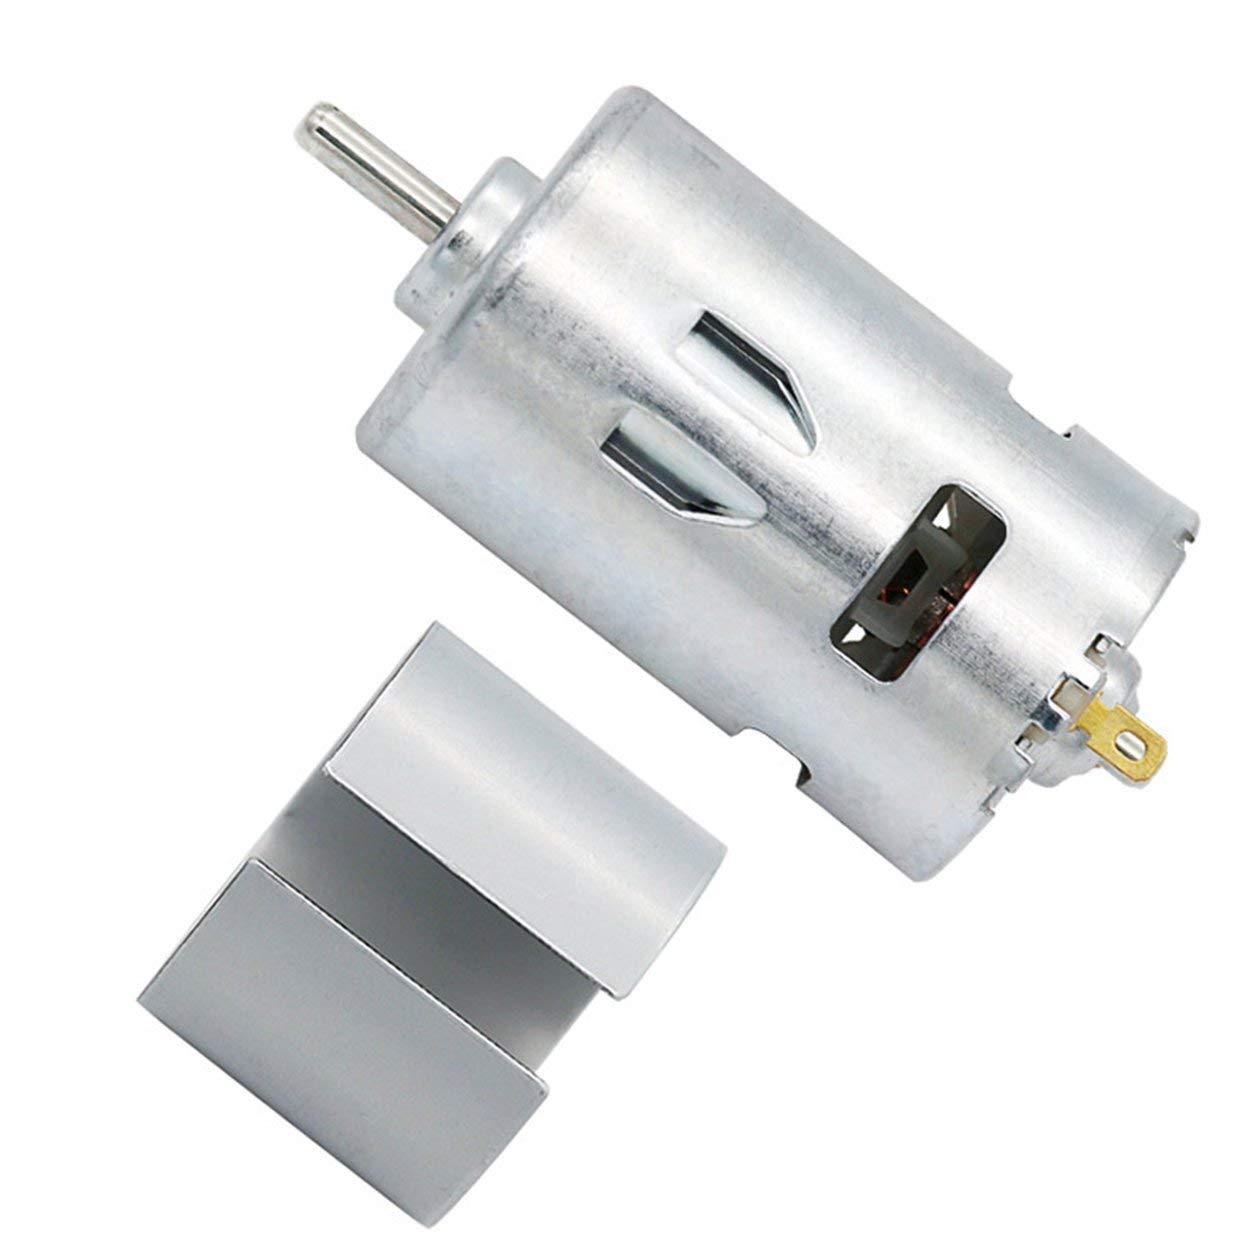 grand couple couleur: Silver-Motor-795 Moteur /à courant continu 775//795//895 12V /à double roulement /à billes composant /électronique Moteur haute puissance /à faible bruit